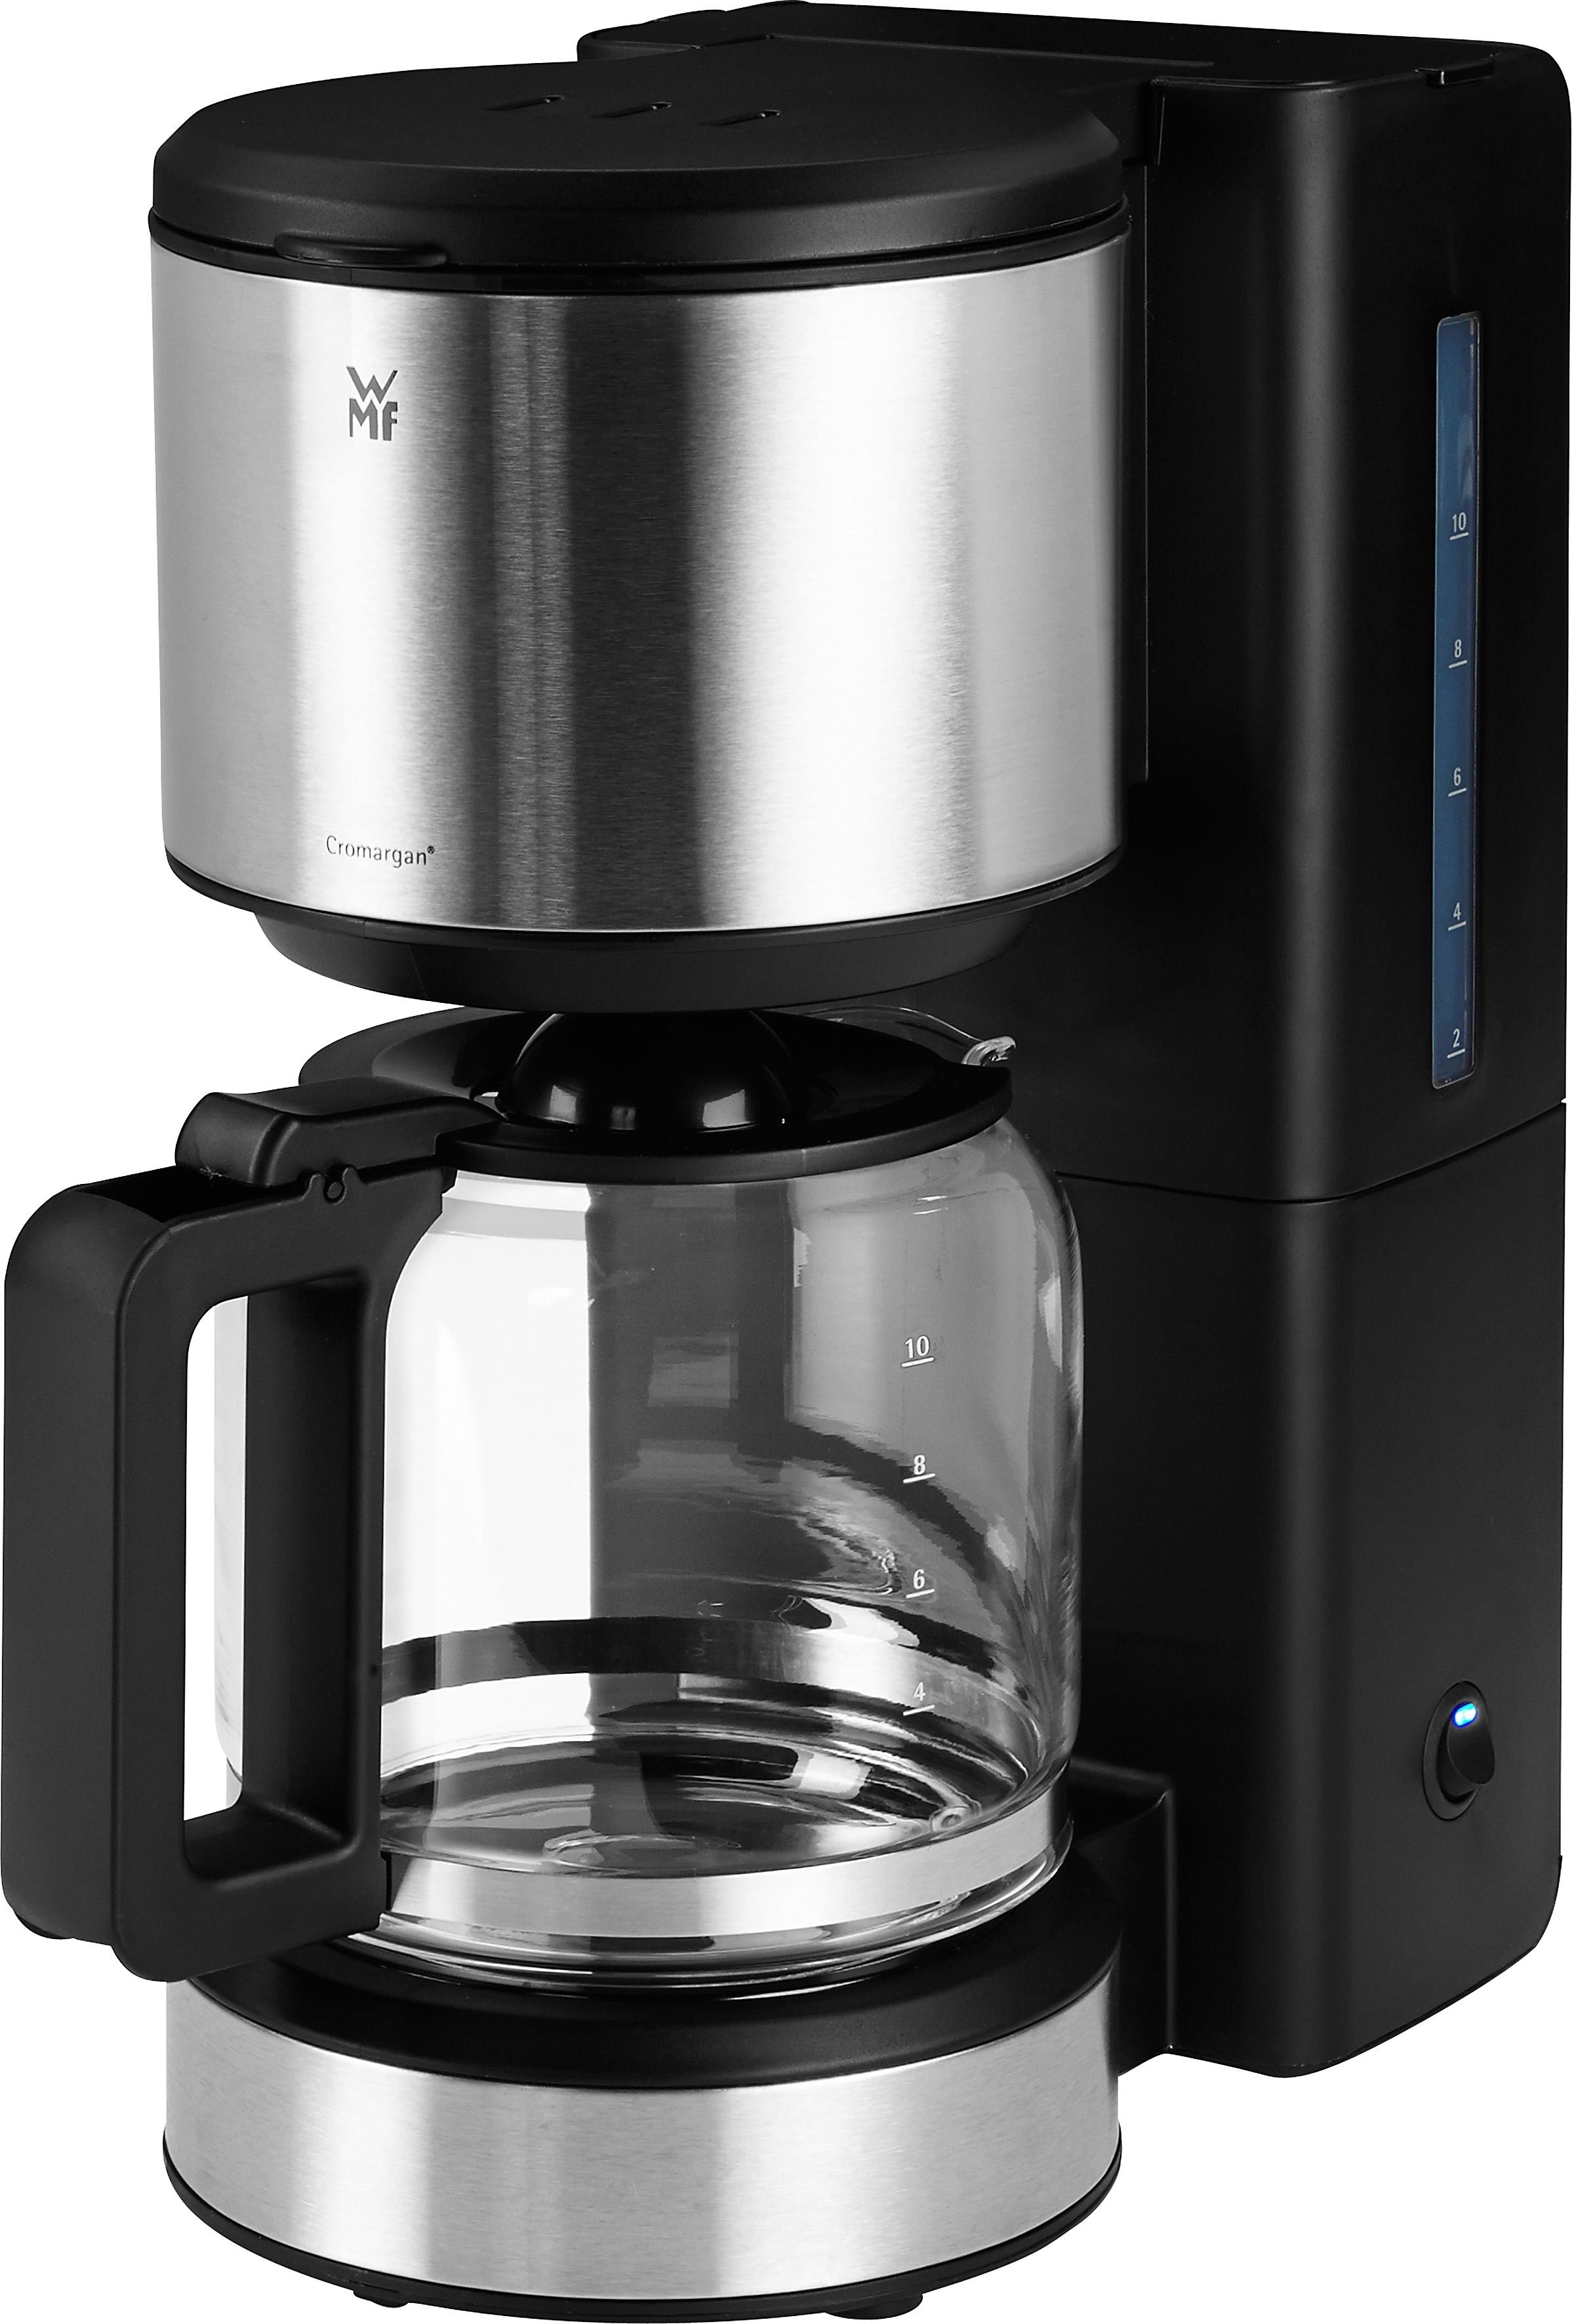 WMF Filterkoffieapparaat Stelio Aroma, 1,25 l, met glazen kan voordelig en veilig online kopen